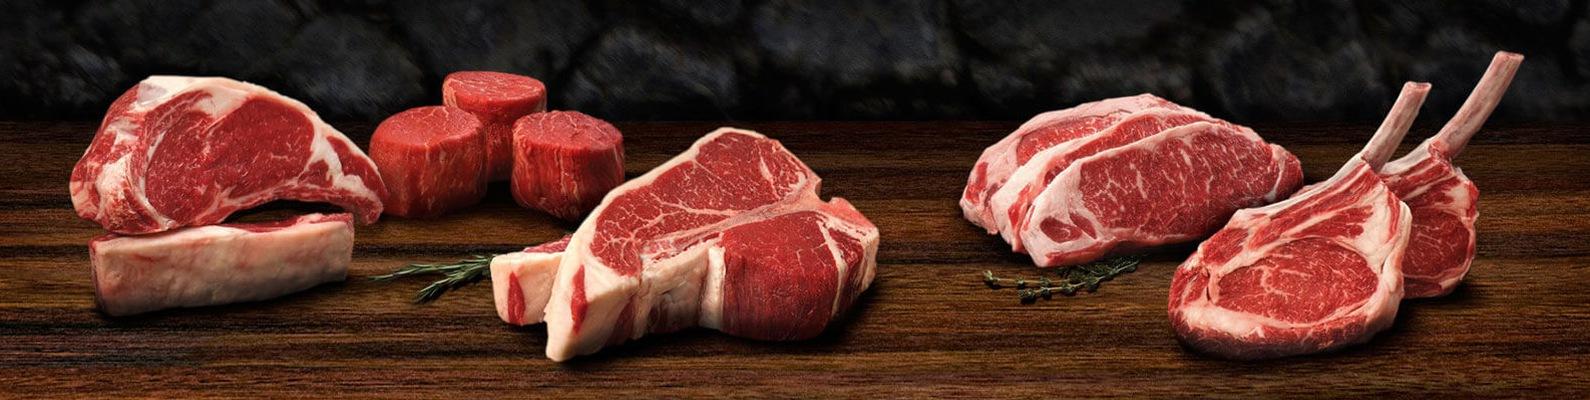 Мясо говядина от фермера